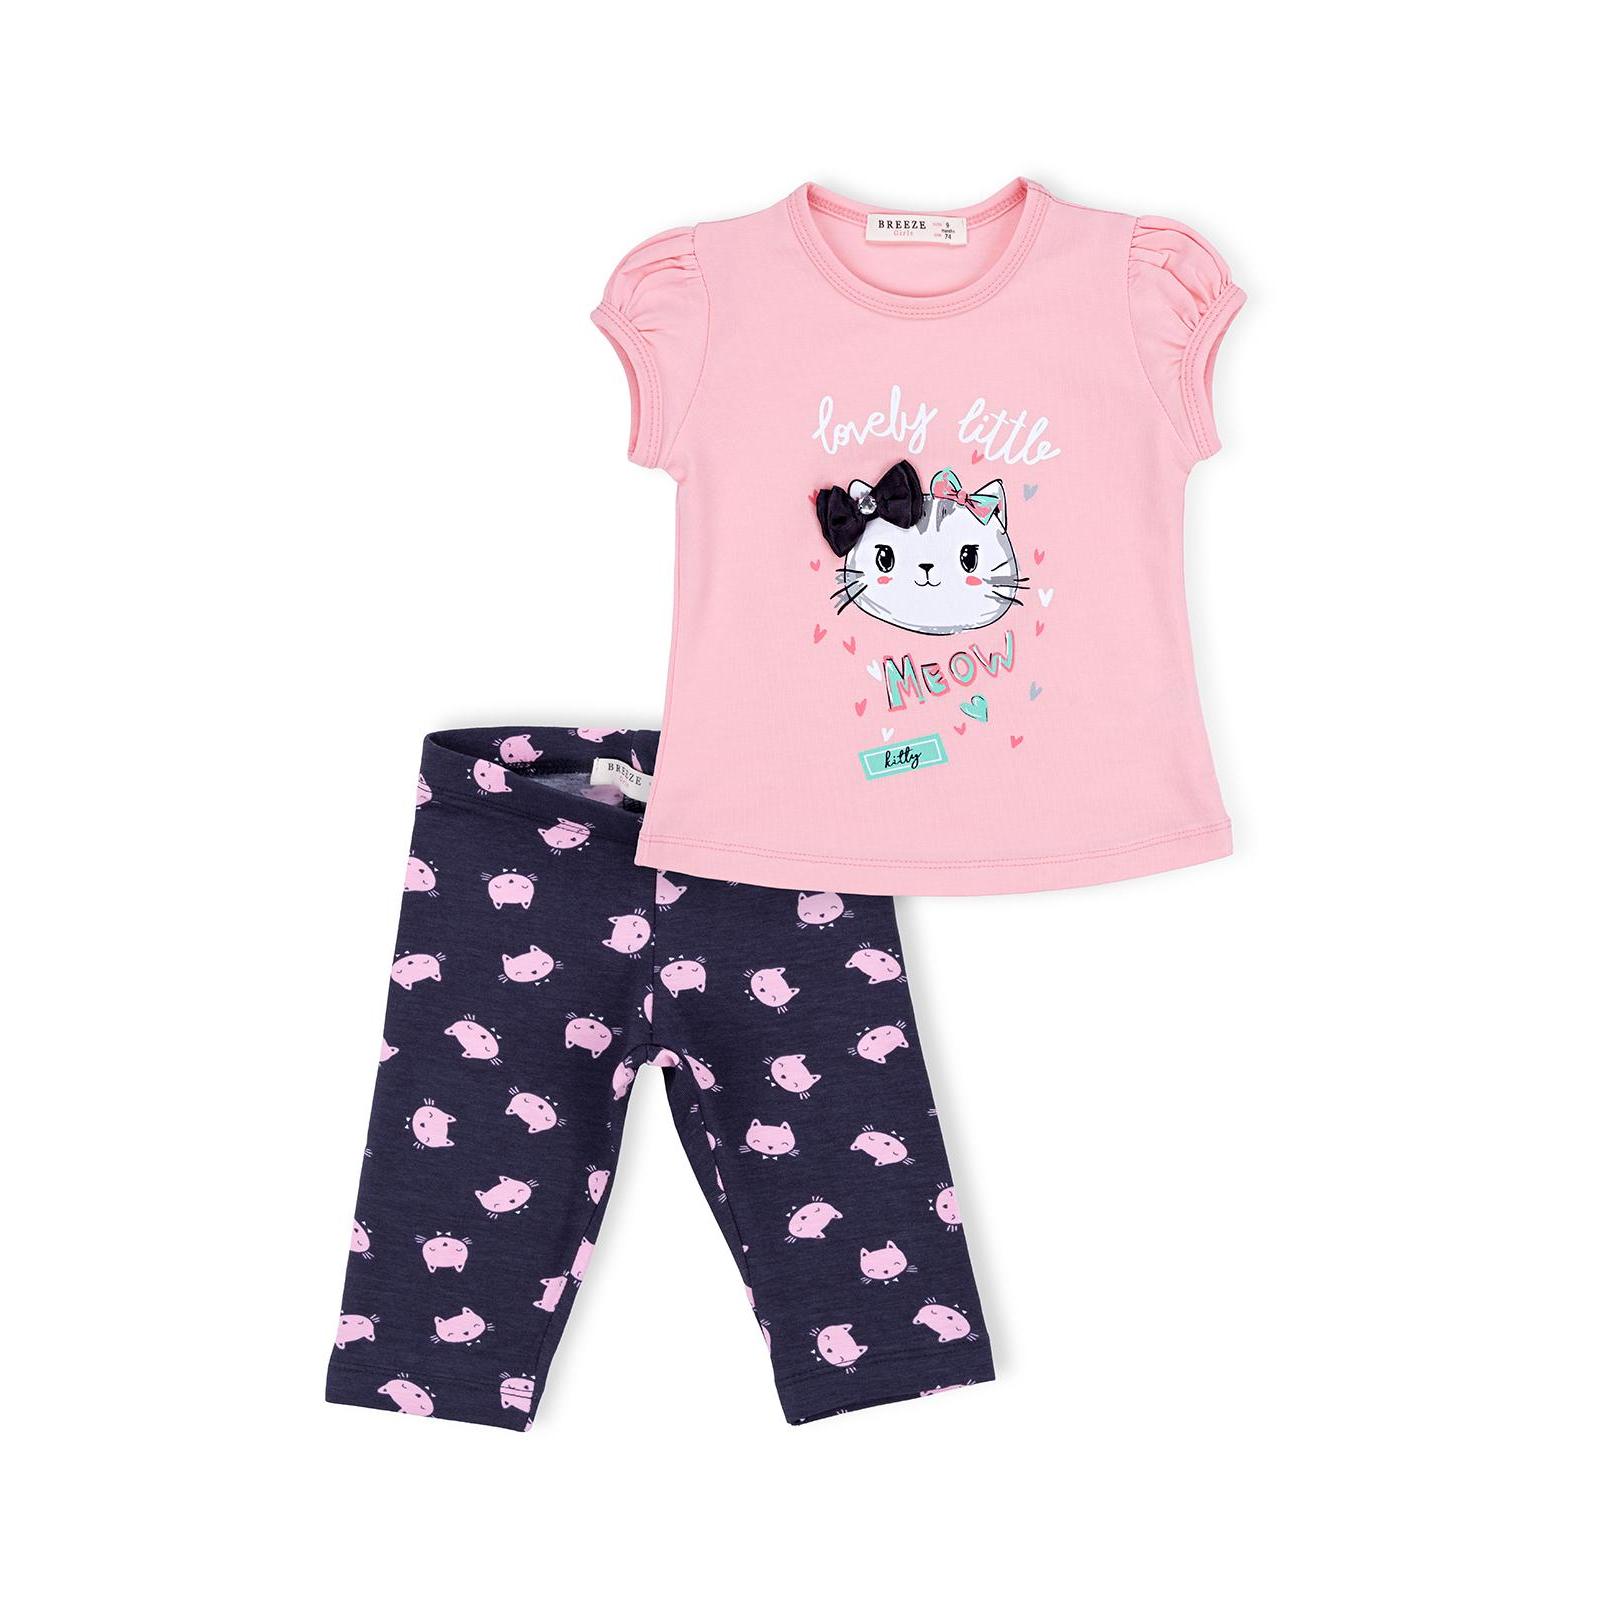 Набор детской одежды Breeze с котиками (7493-98G-pink)